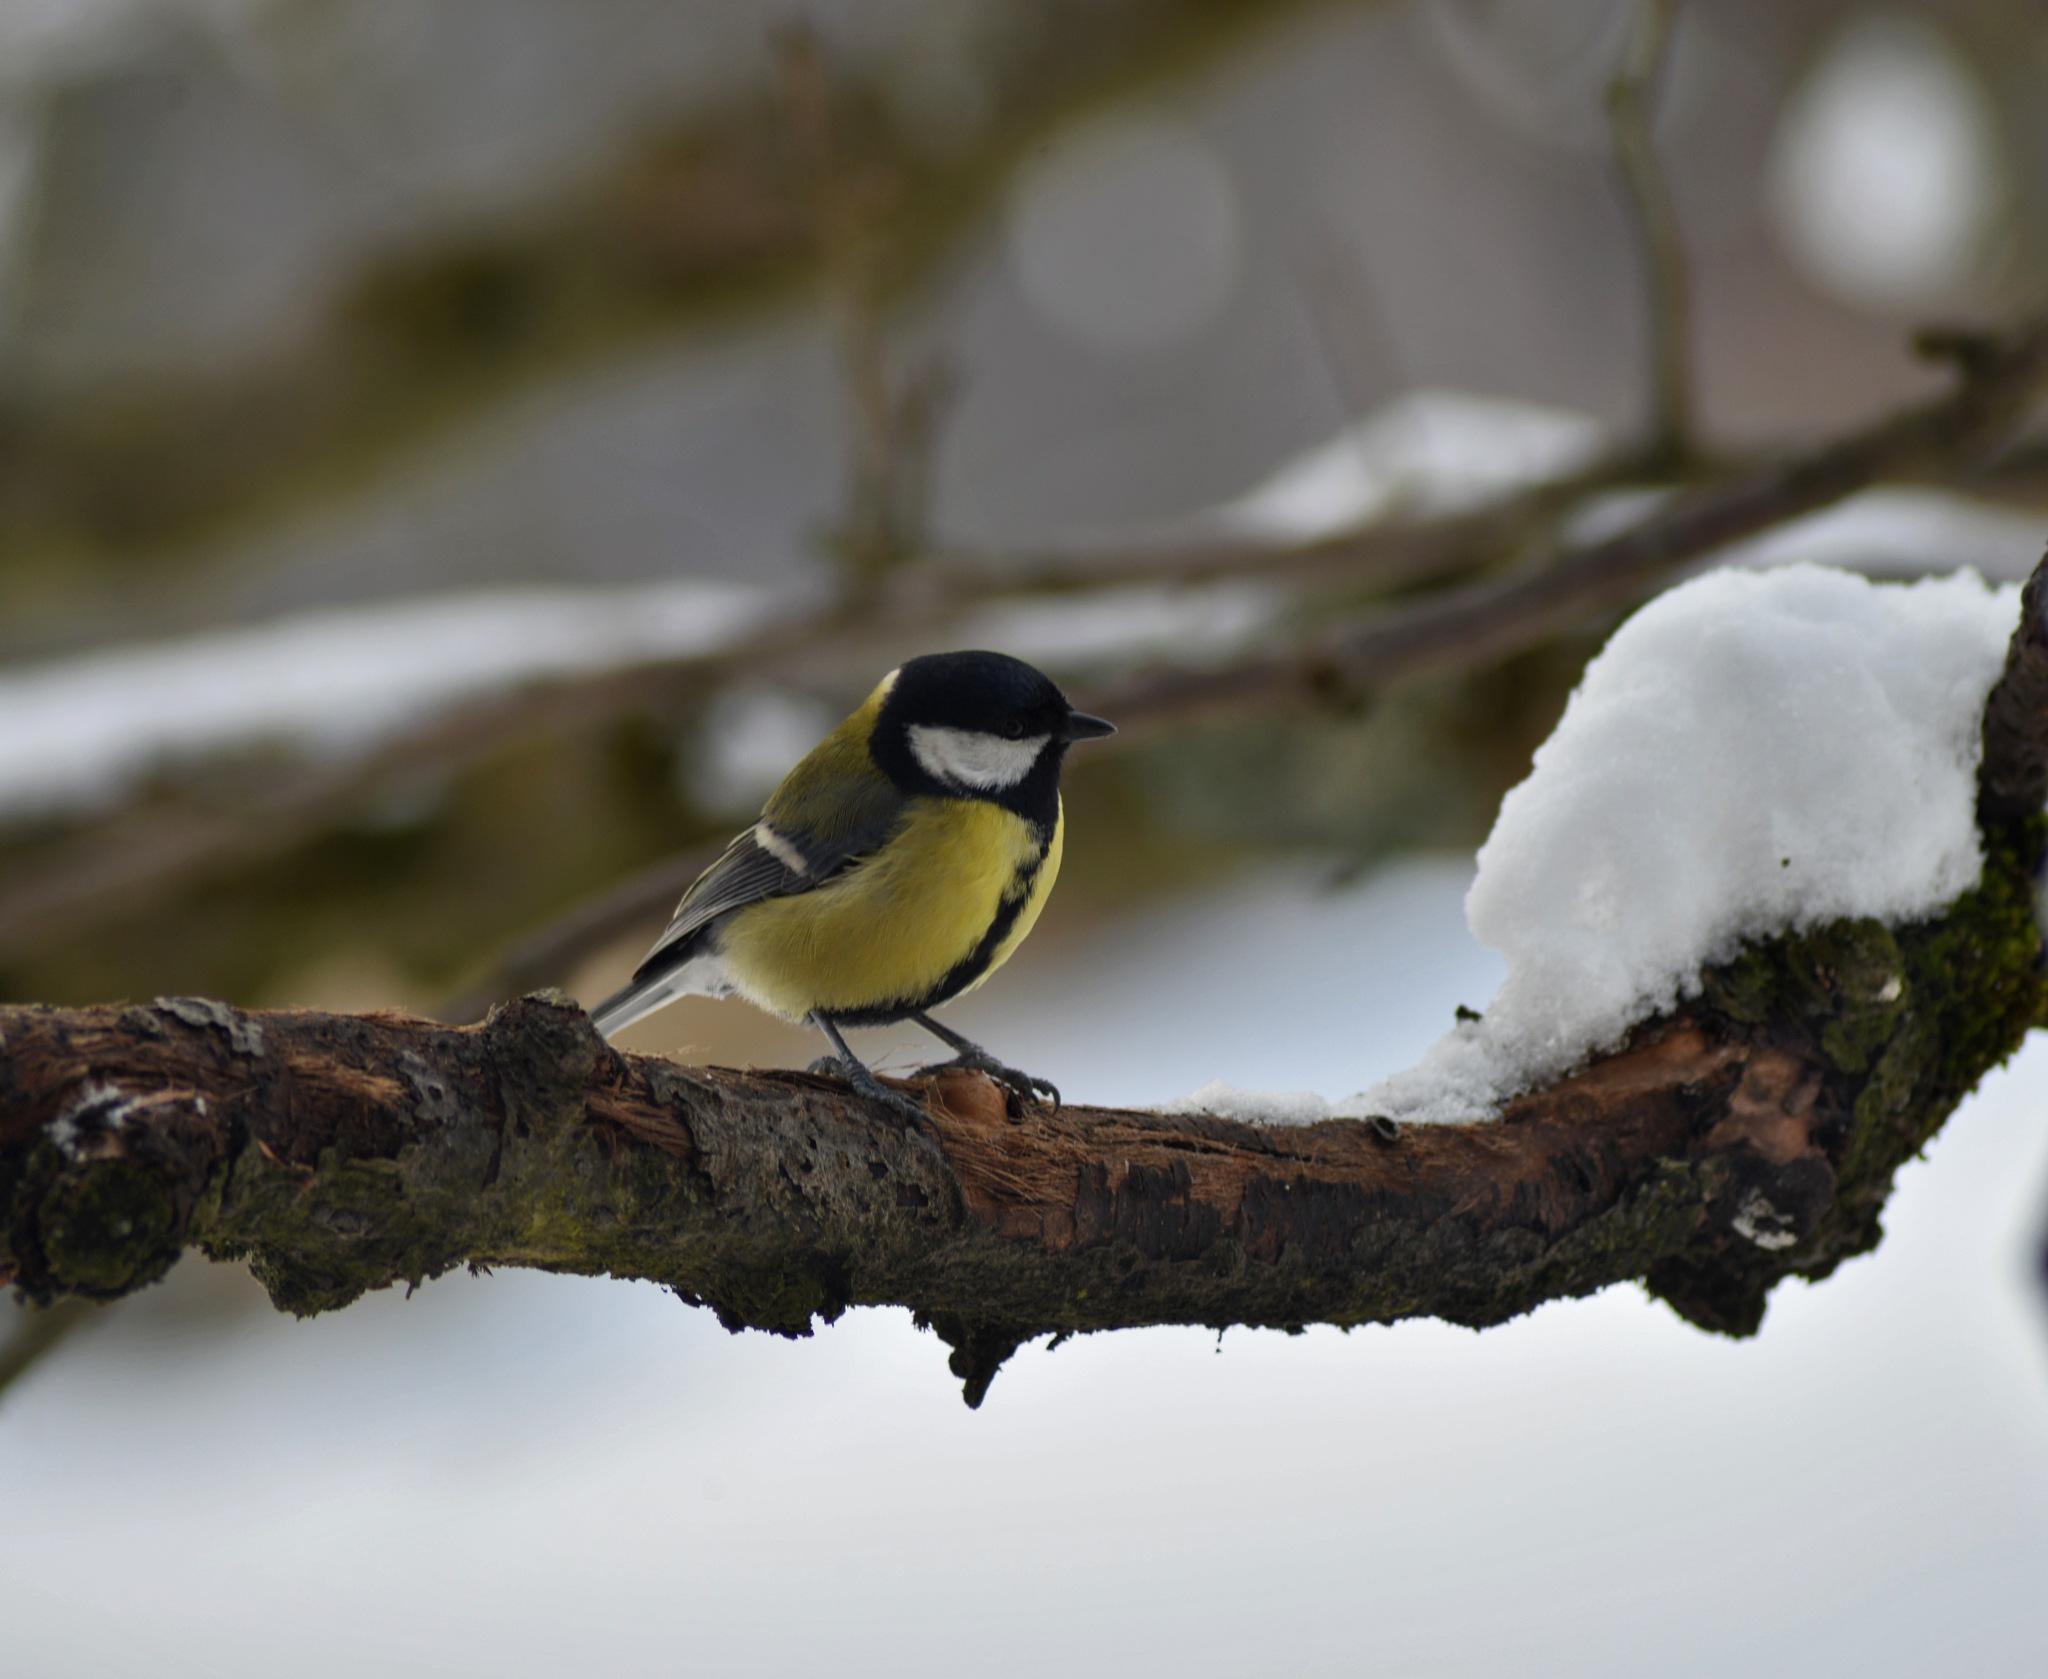 Bird by Markus Auer